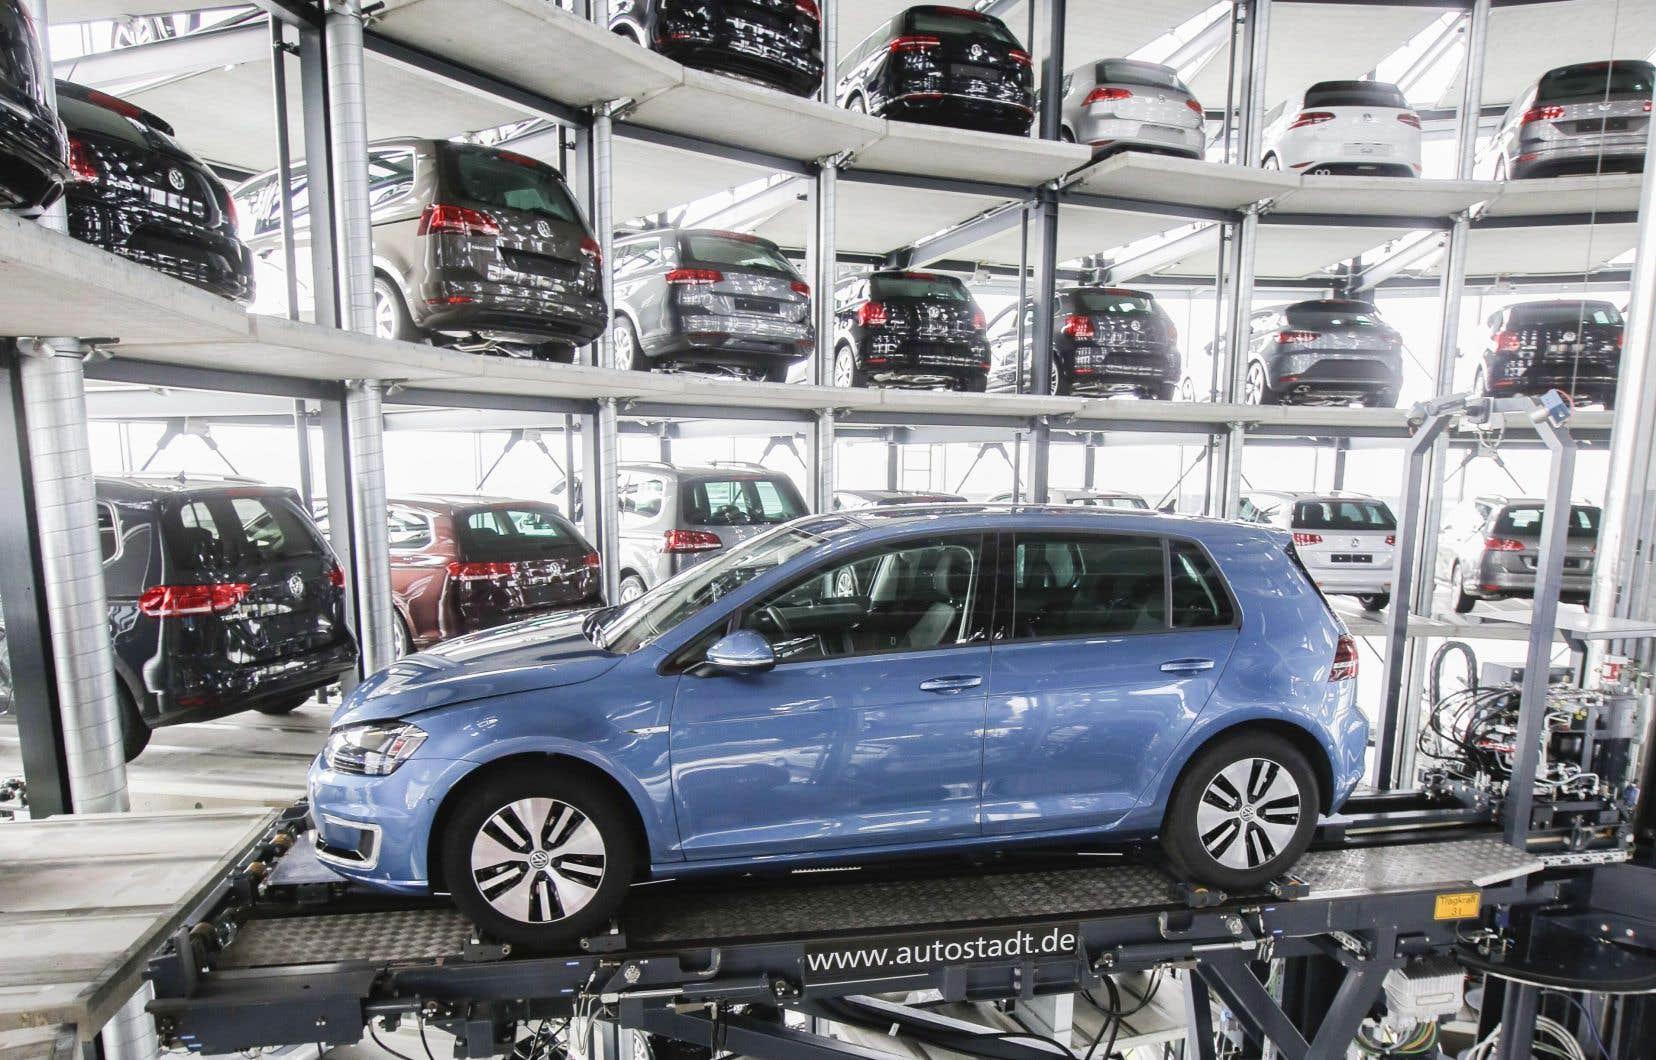 Le géant allemand de l'automobile avait reconnu en novembre 2015 des «irrégularités» sur les émissions de CO2 de 800 000 voitures, principalement à moteur diesel.